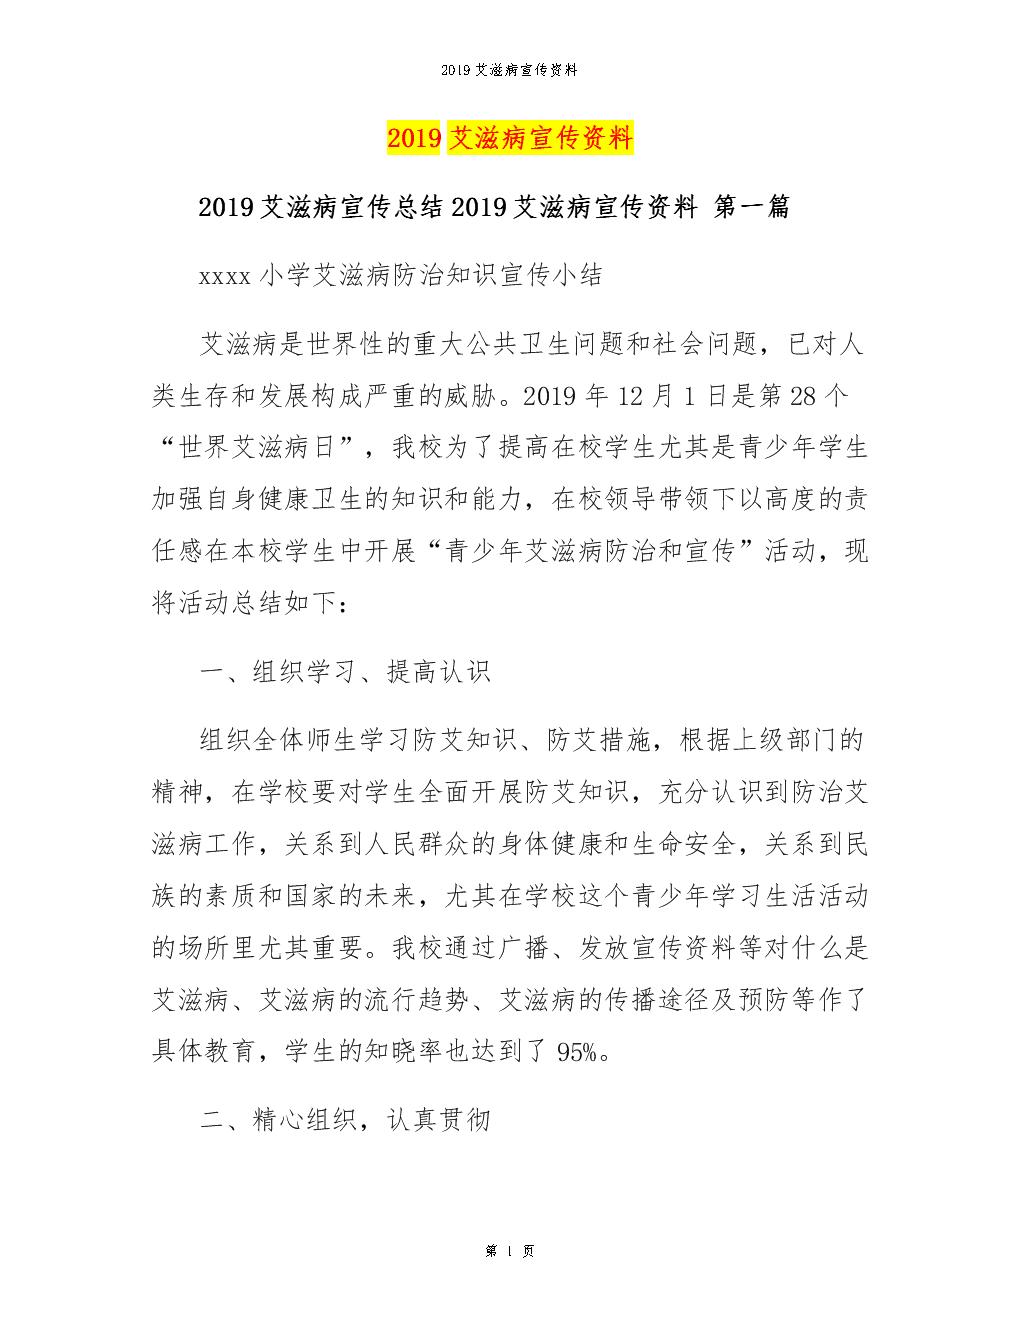 2019艾滋病宣传资料.docx